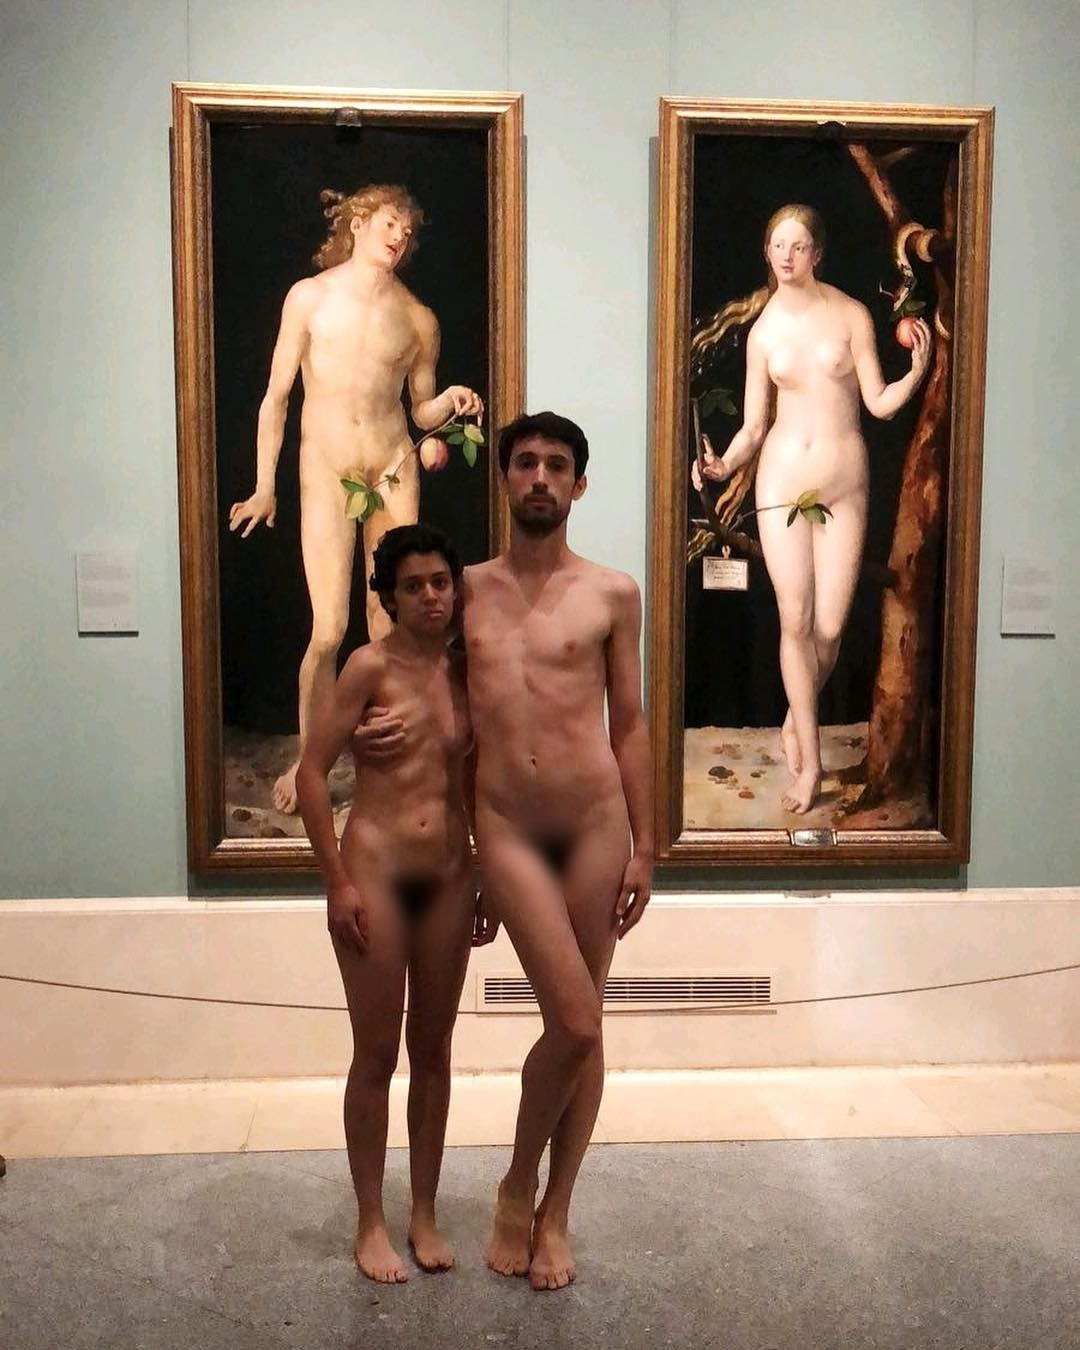 Casal fica nu em museu em frente a obra de arte na Espanha (Foto: Reprodução/Instagram)